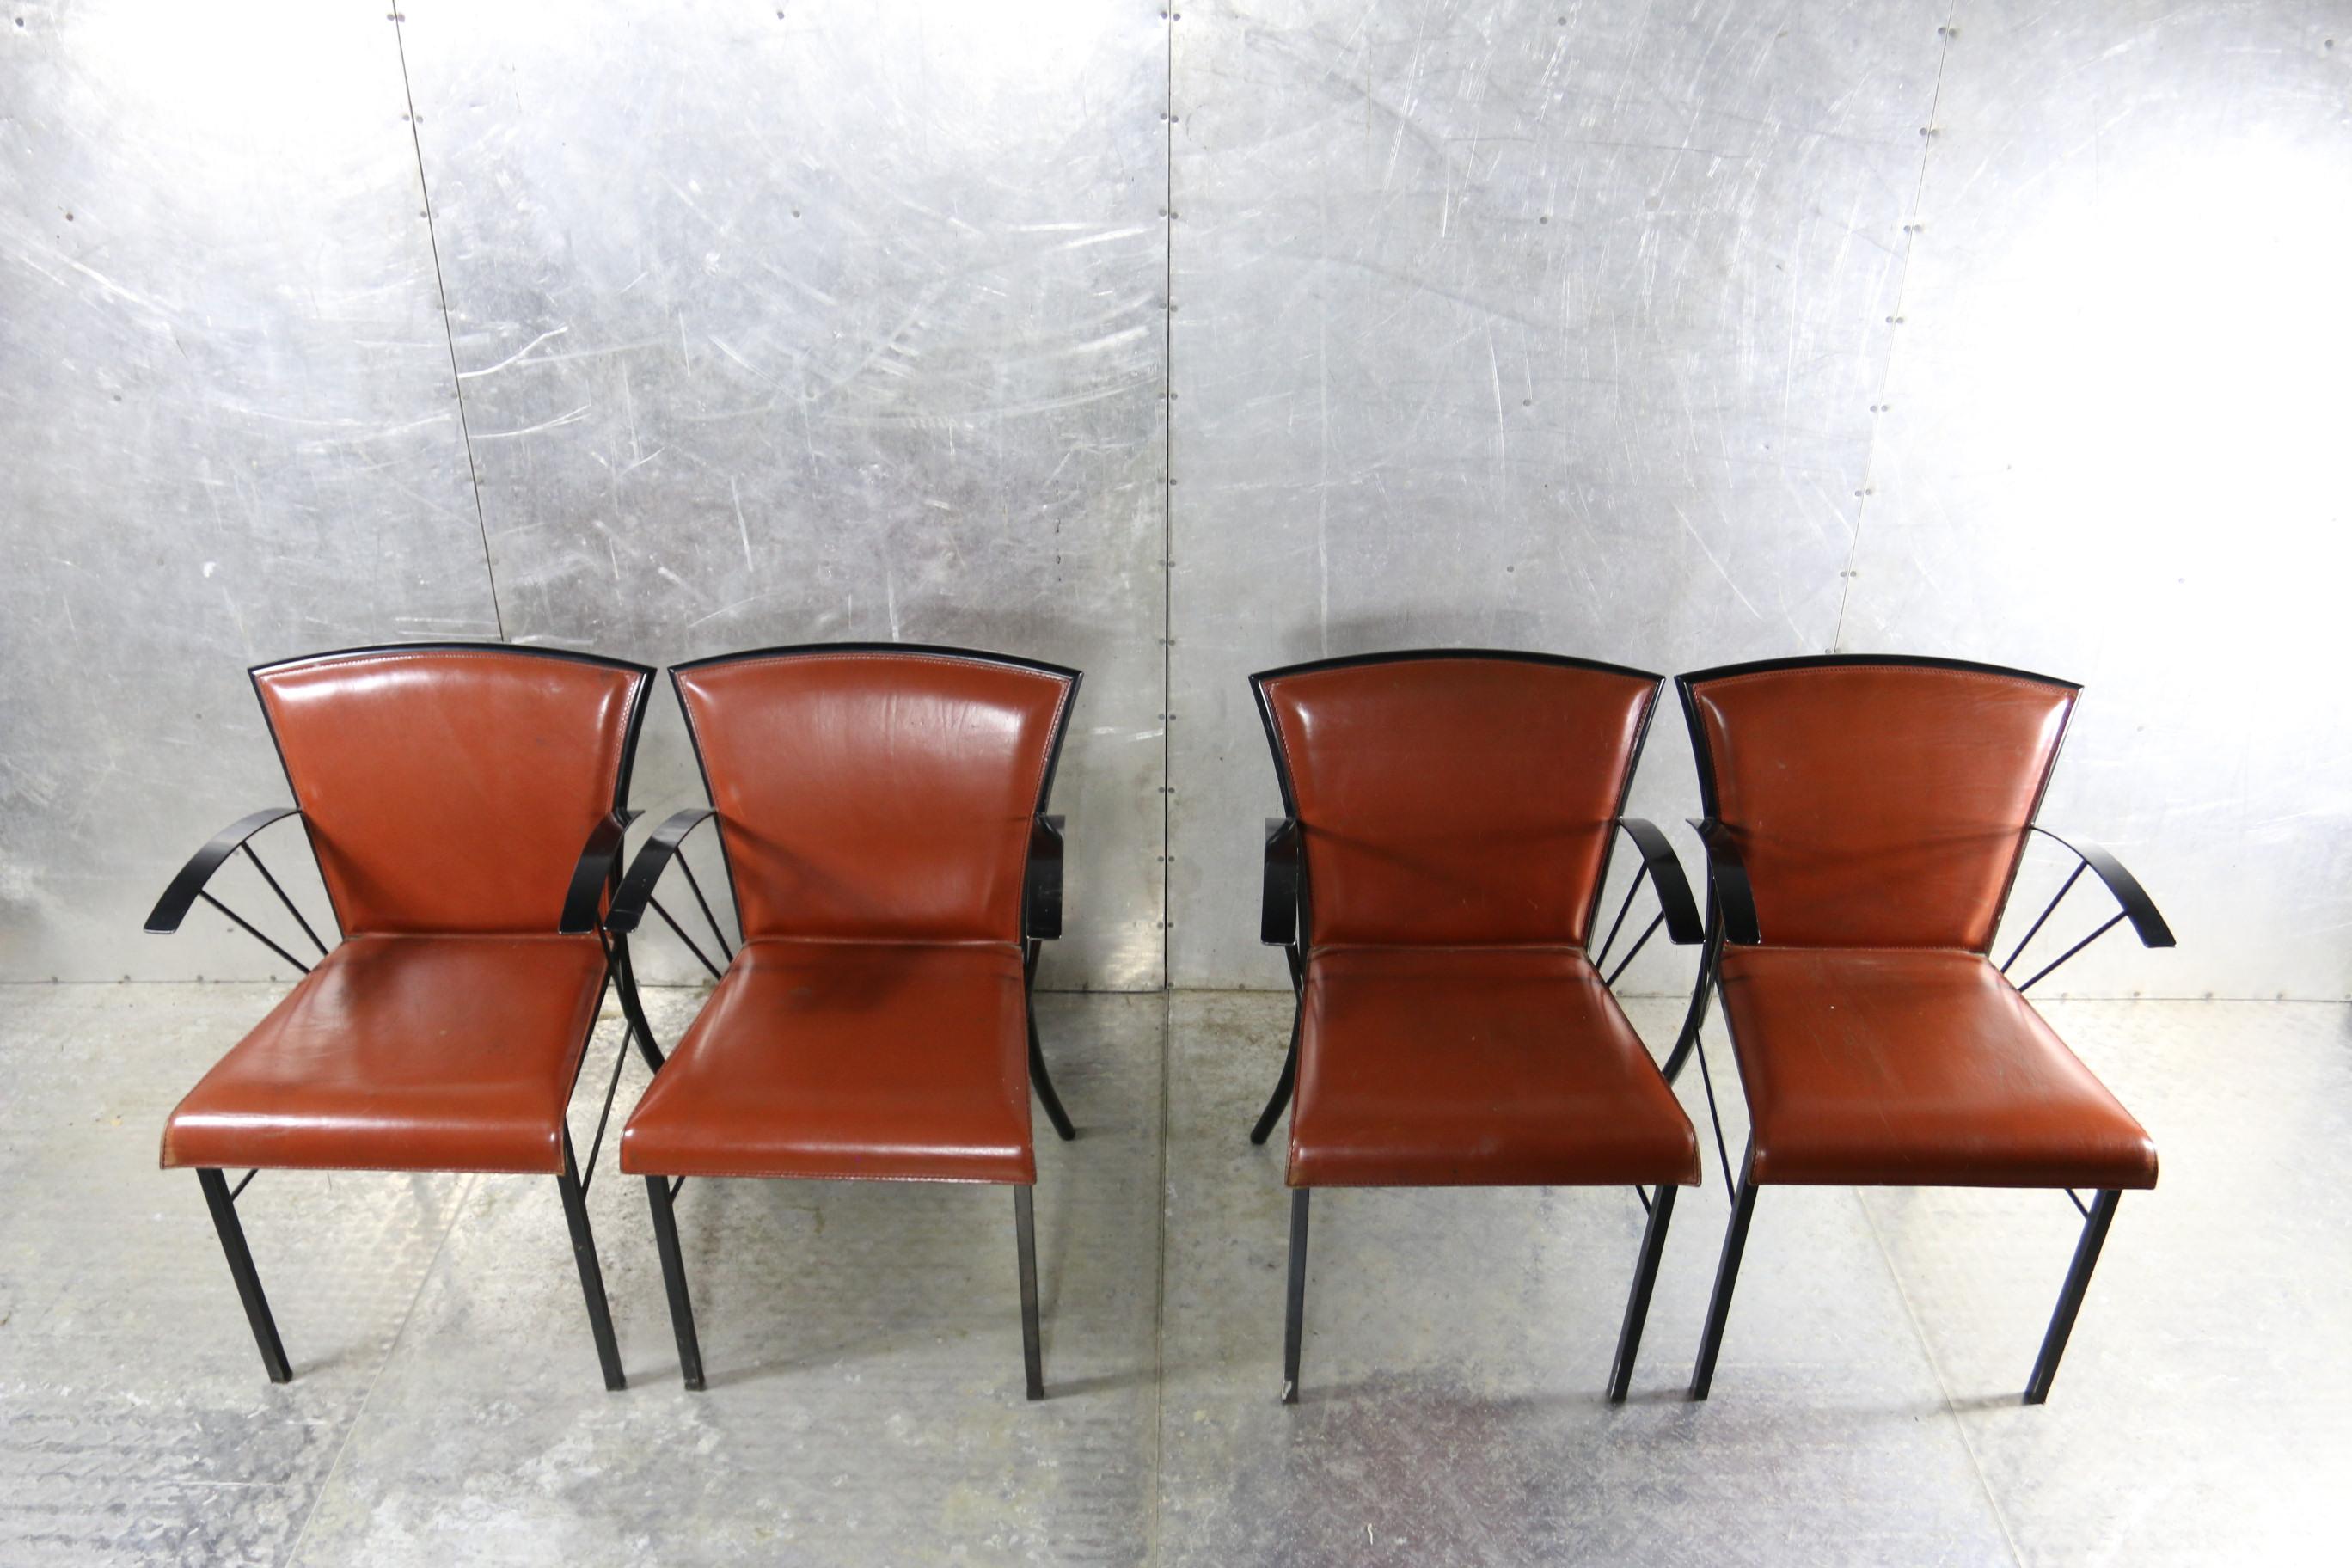 Vintage Design Eetkamerstoelen.Top Arrben Italy Vintage Design Metaal Tuigleer Stoelen